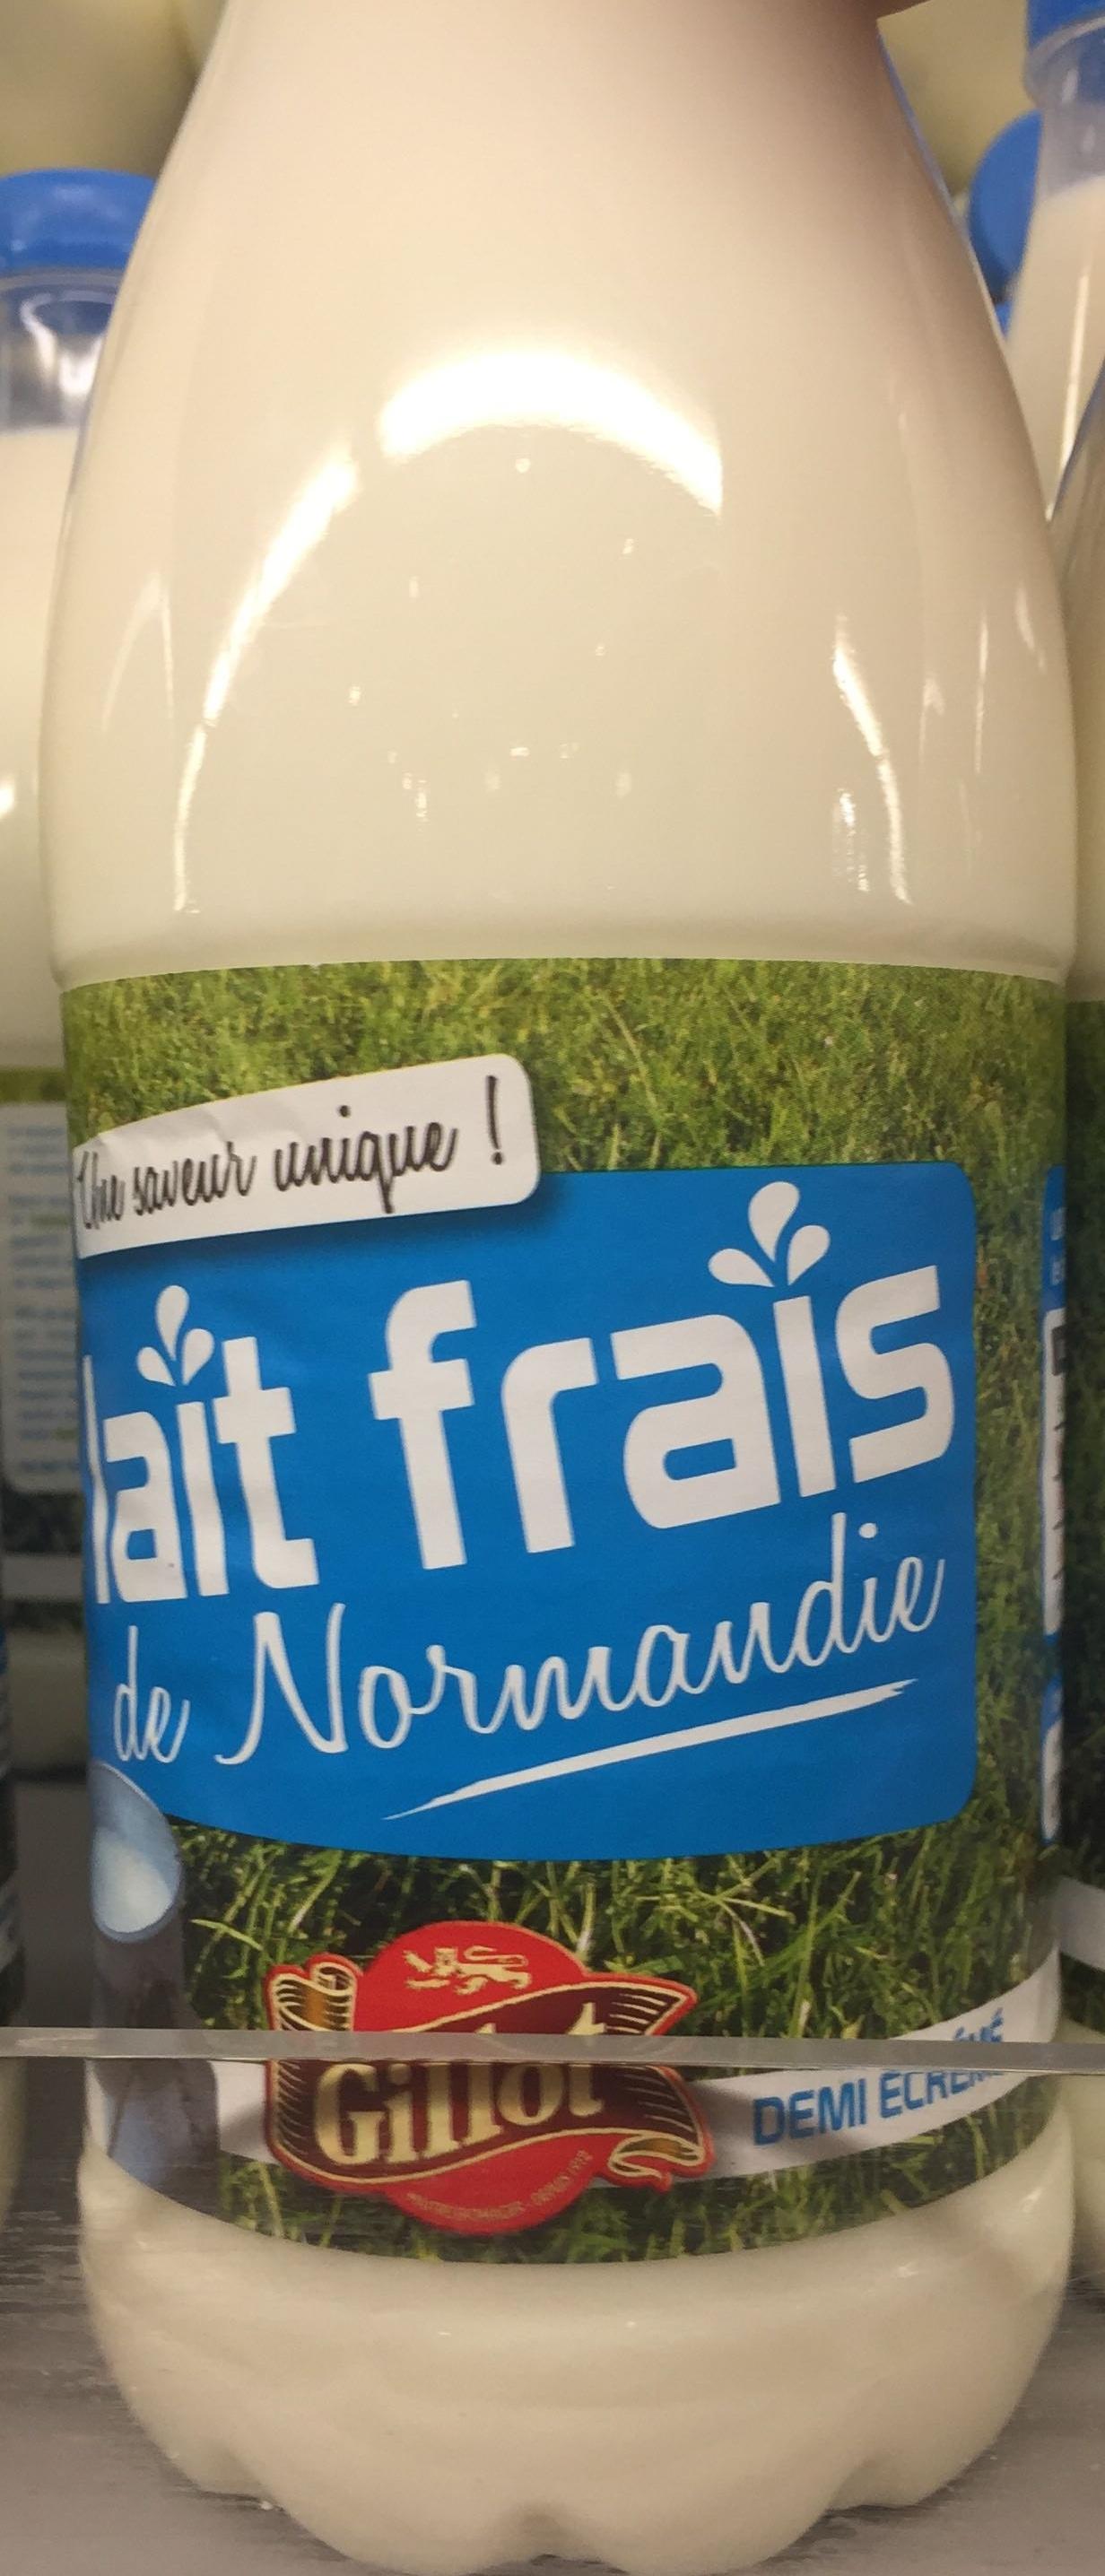 Lait frais de Normandie demi-écrémé - Produit - fr